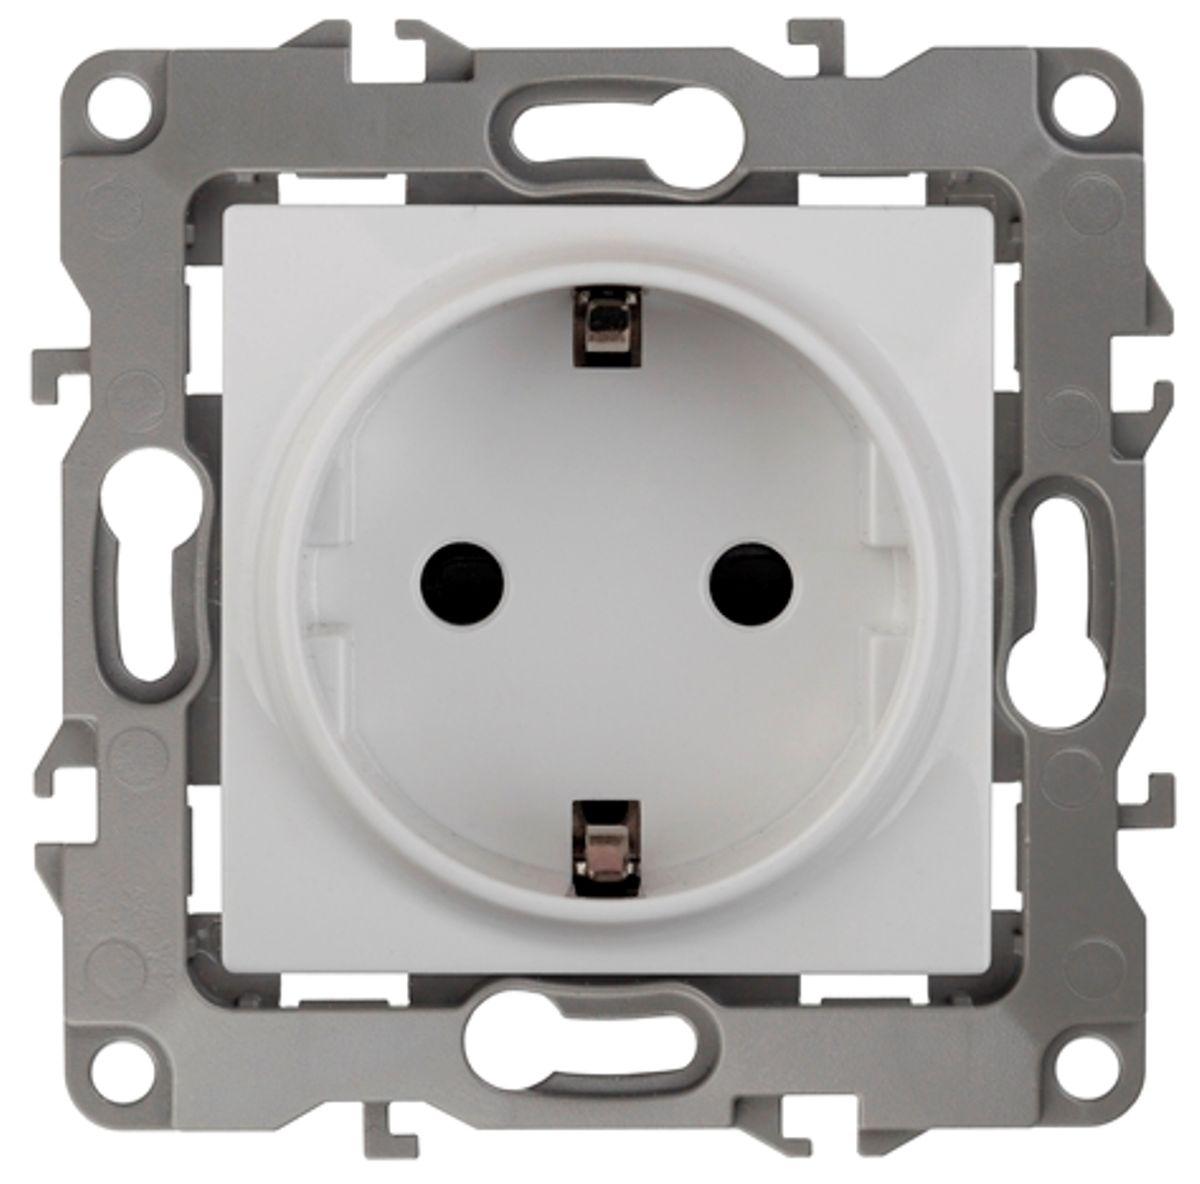 Розетка одинарная Эра, цвет: белый. 12-2101-0112-2101-01Одинарная розетка Эра с заземлением, скрытой установки, имеет бронзовые контакты и фиксаторы модулей. Автоматические зажимы кабеля обеспечивают быстрый и надежный монтаж изделия к электросети без отвертки и не требуют обслуживания в отличие от винтовых зажимов.